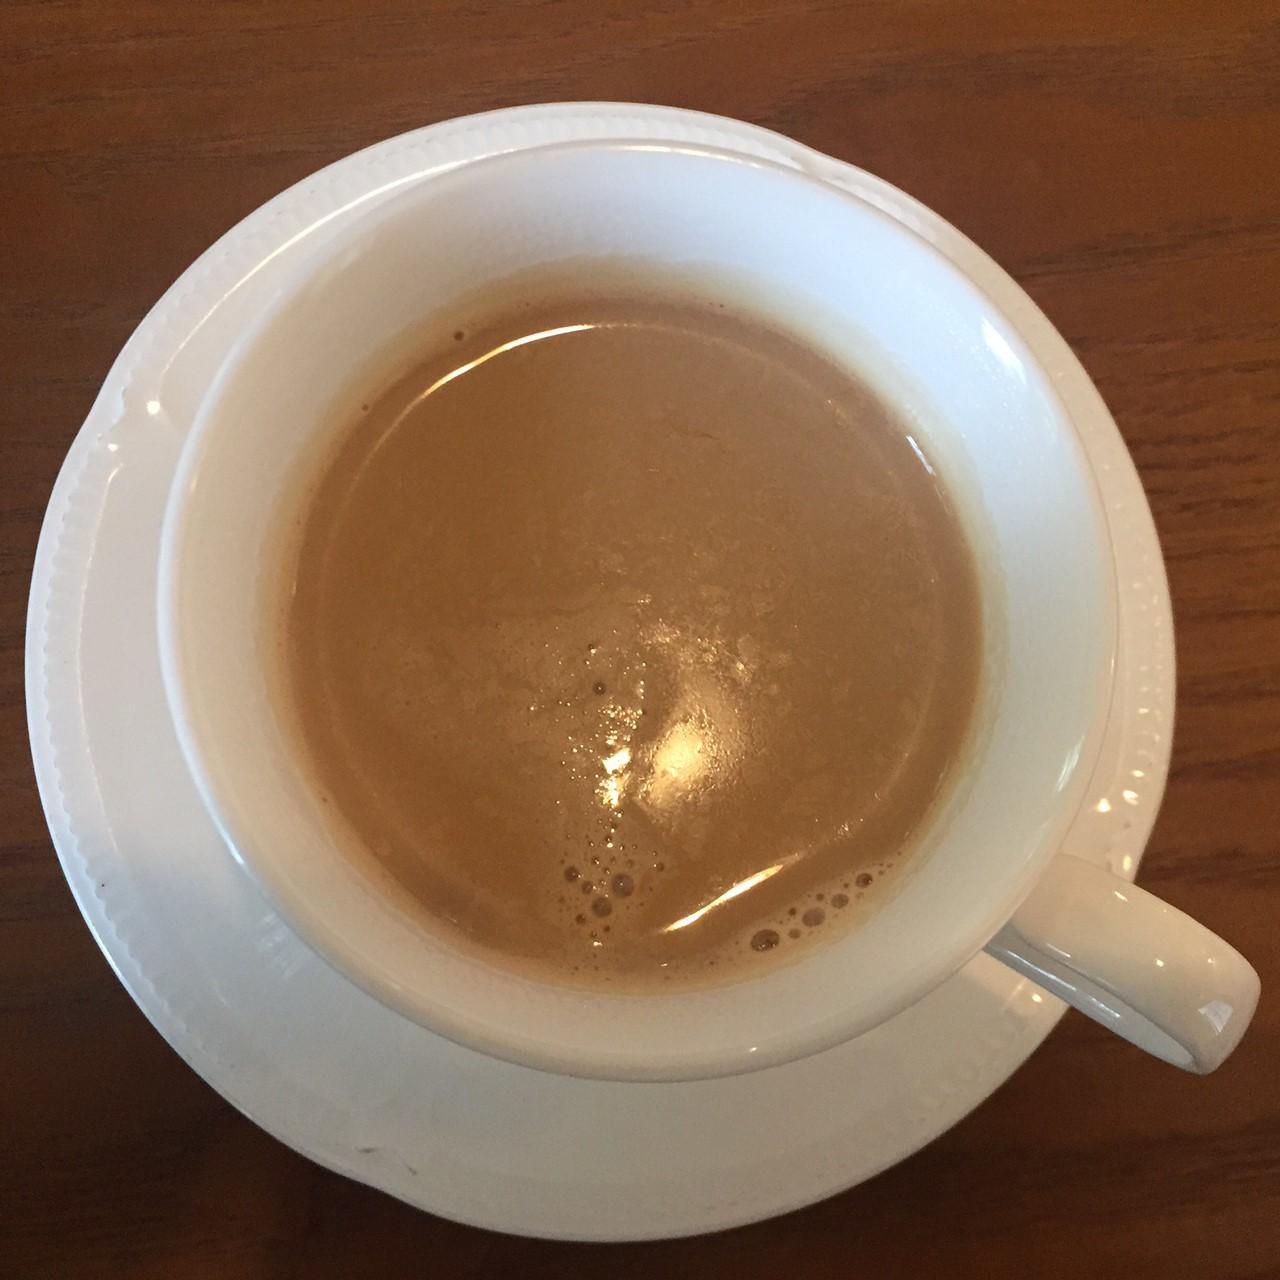 喫茶フォルダー 10_e0115904_03422298.jpg